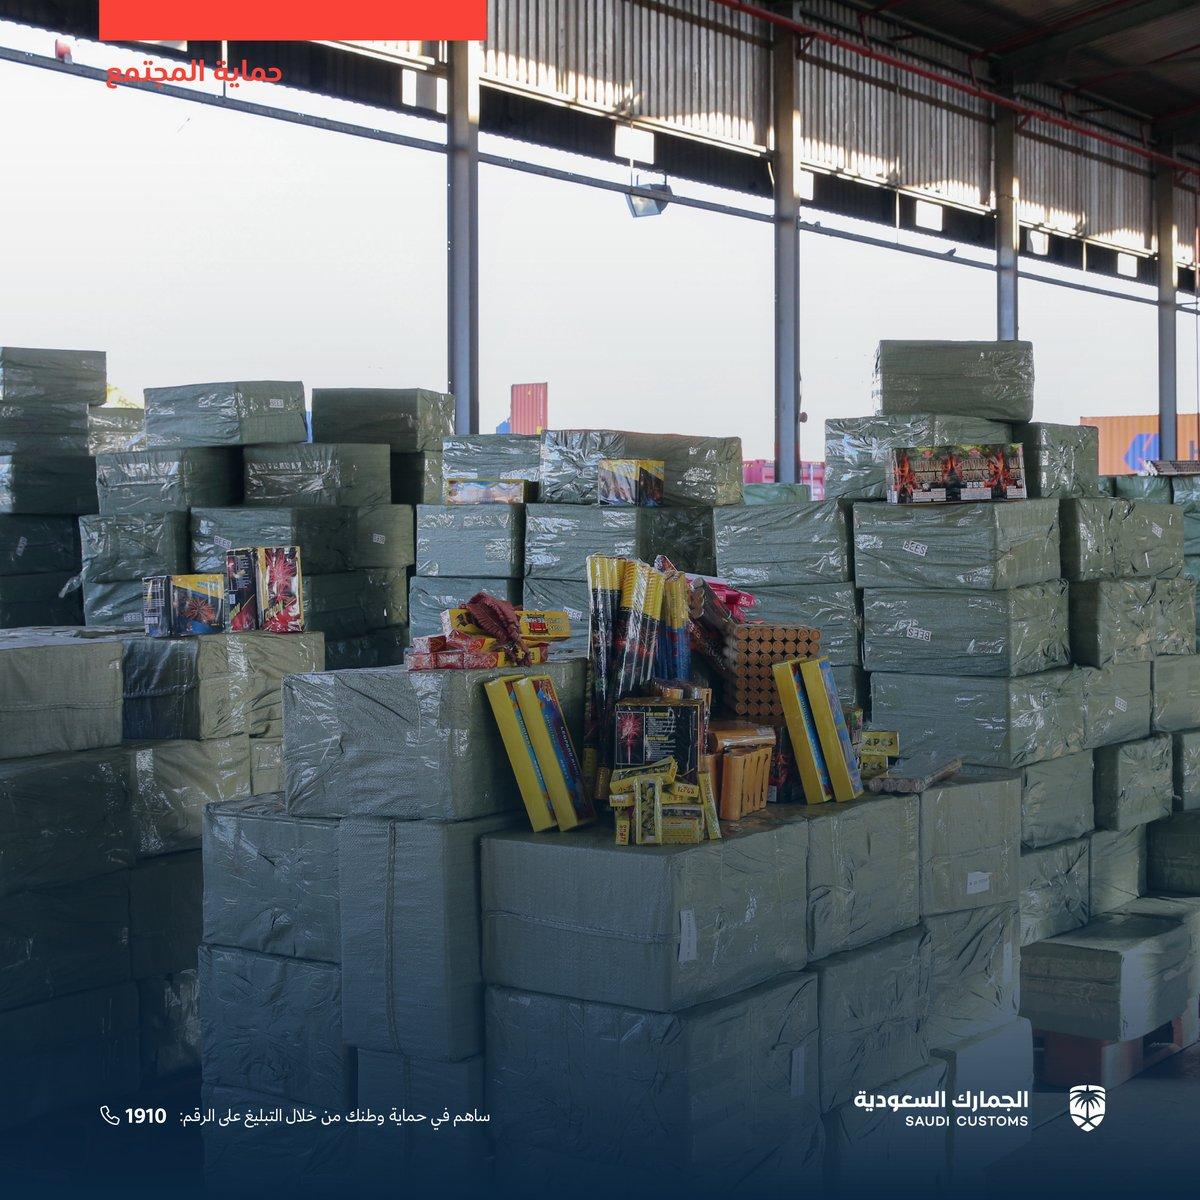 بالصور.. «الجمارك» تحبط تهريب شحنة ألعاب نارية عبر الميناء الجاف بالرياض    #الجمارك #السعودية #المملكة #الرياض